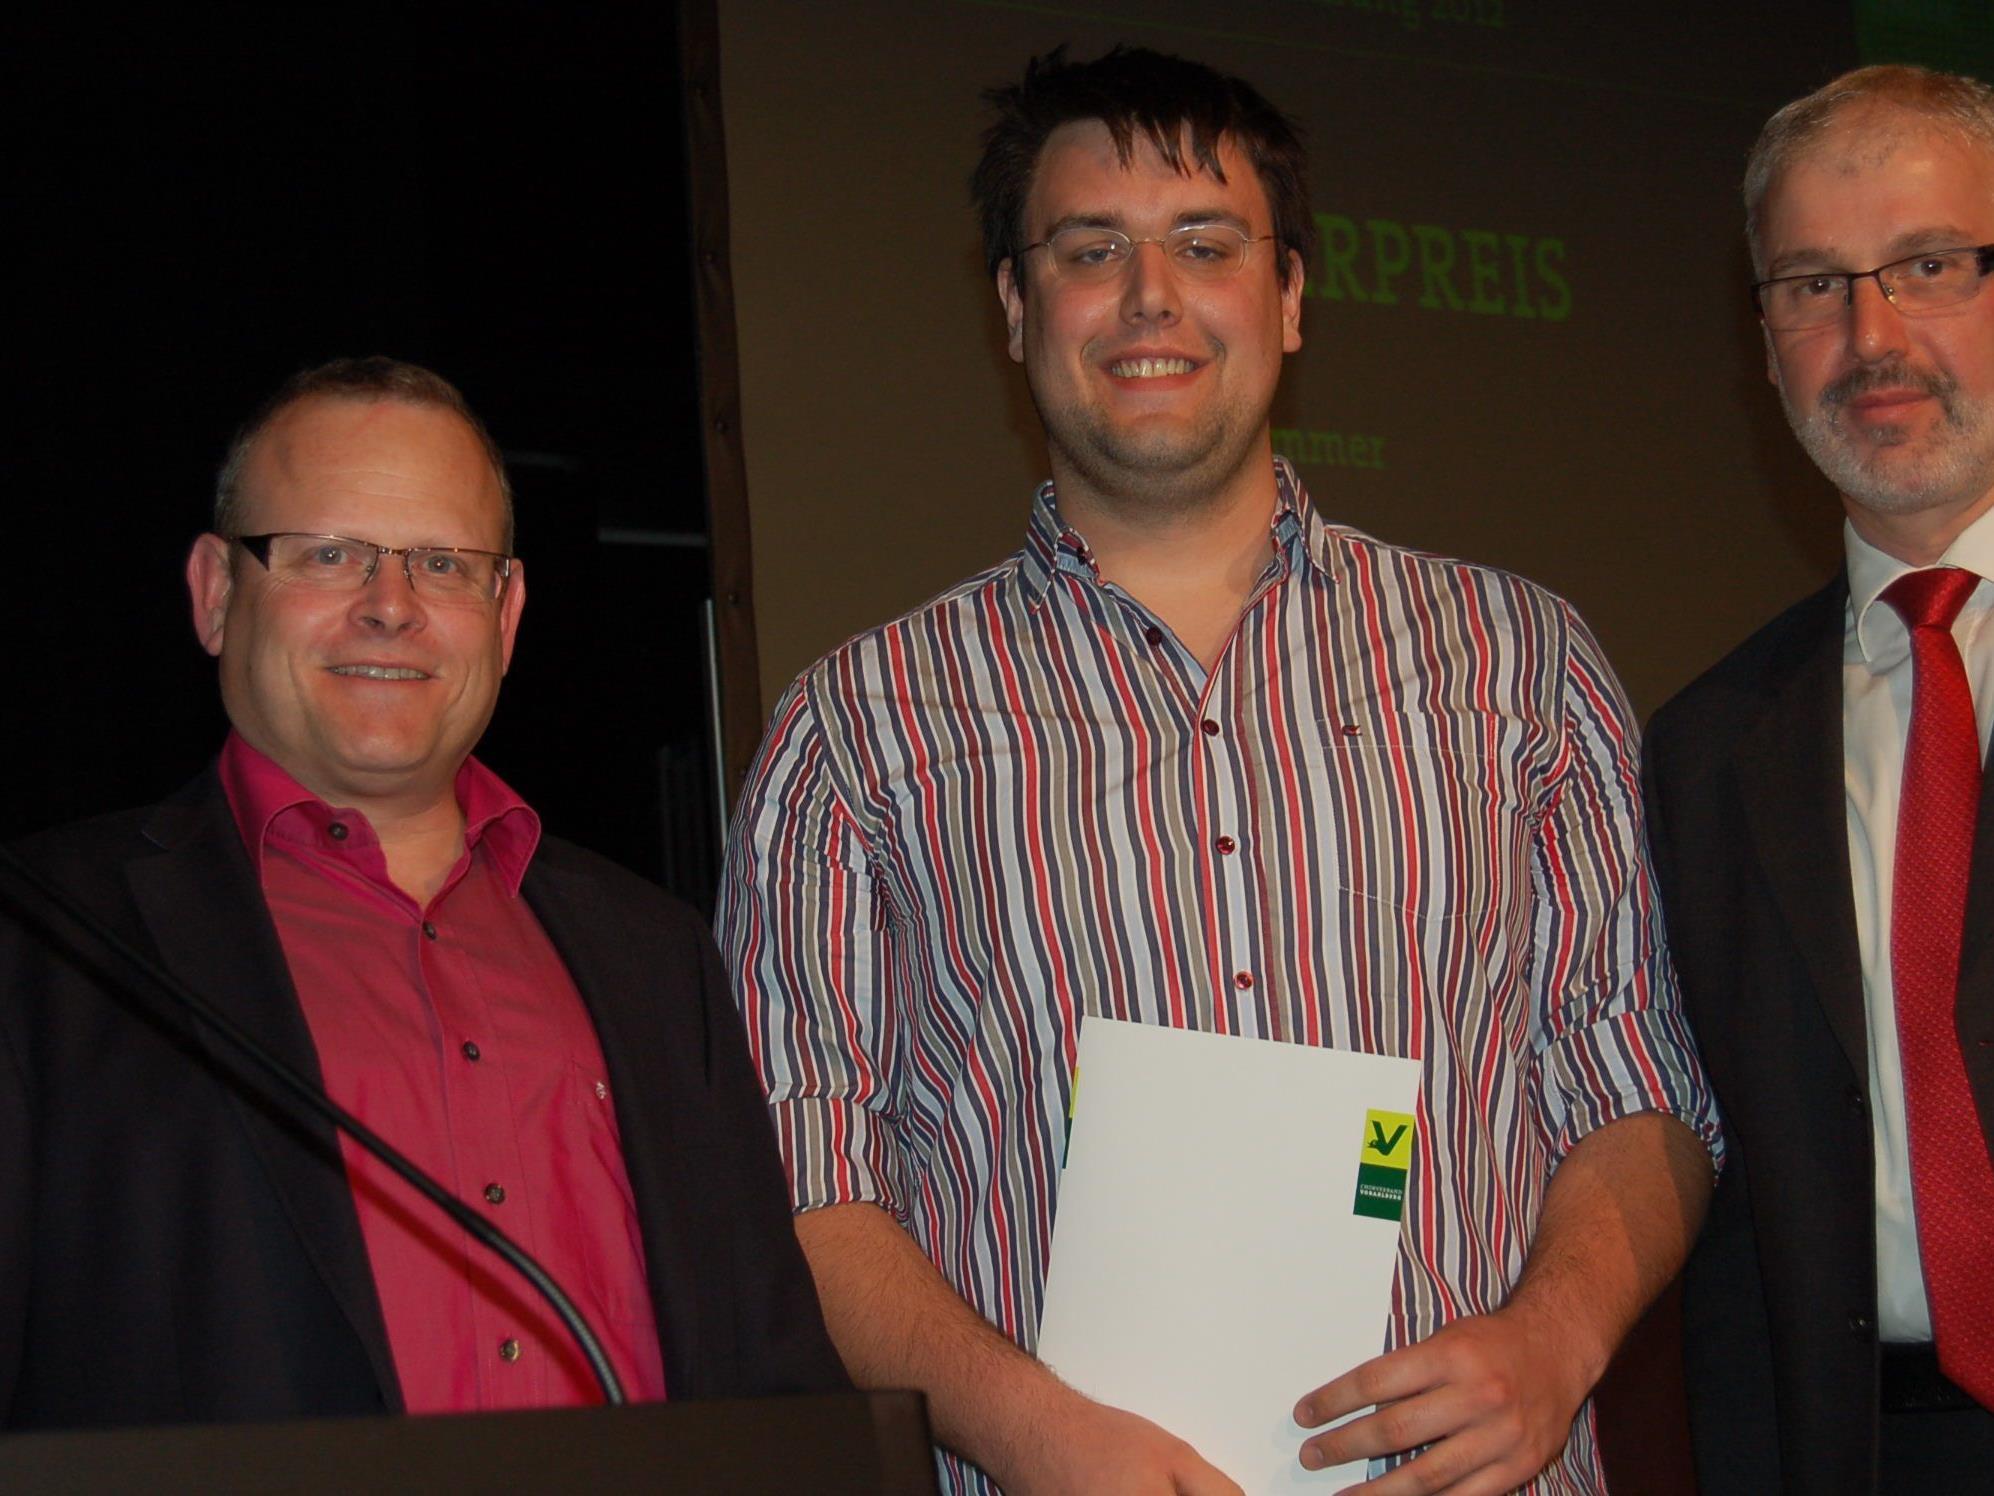 Oskar Egle und Axel Girardelli durften Martin Summr (Mitte) den Musikförderpreis 2012 übergeben.